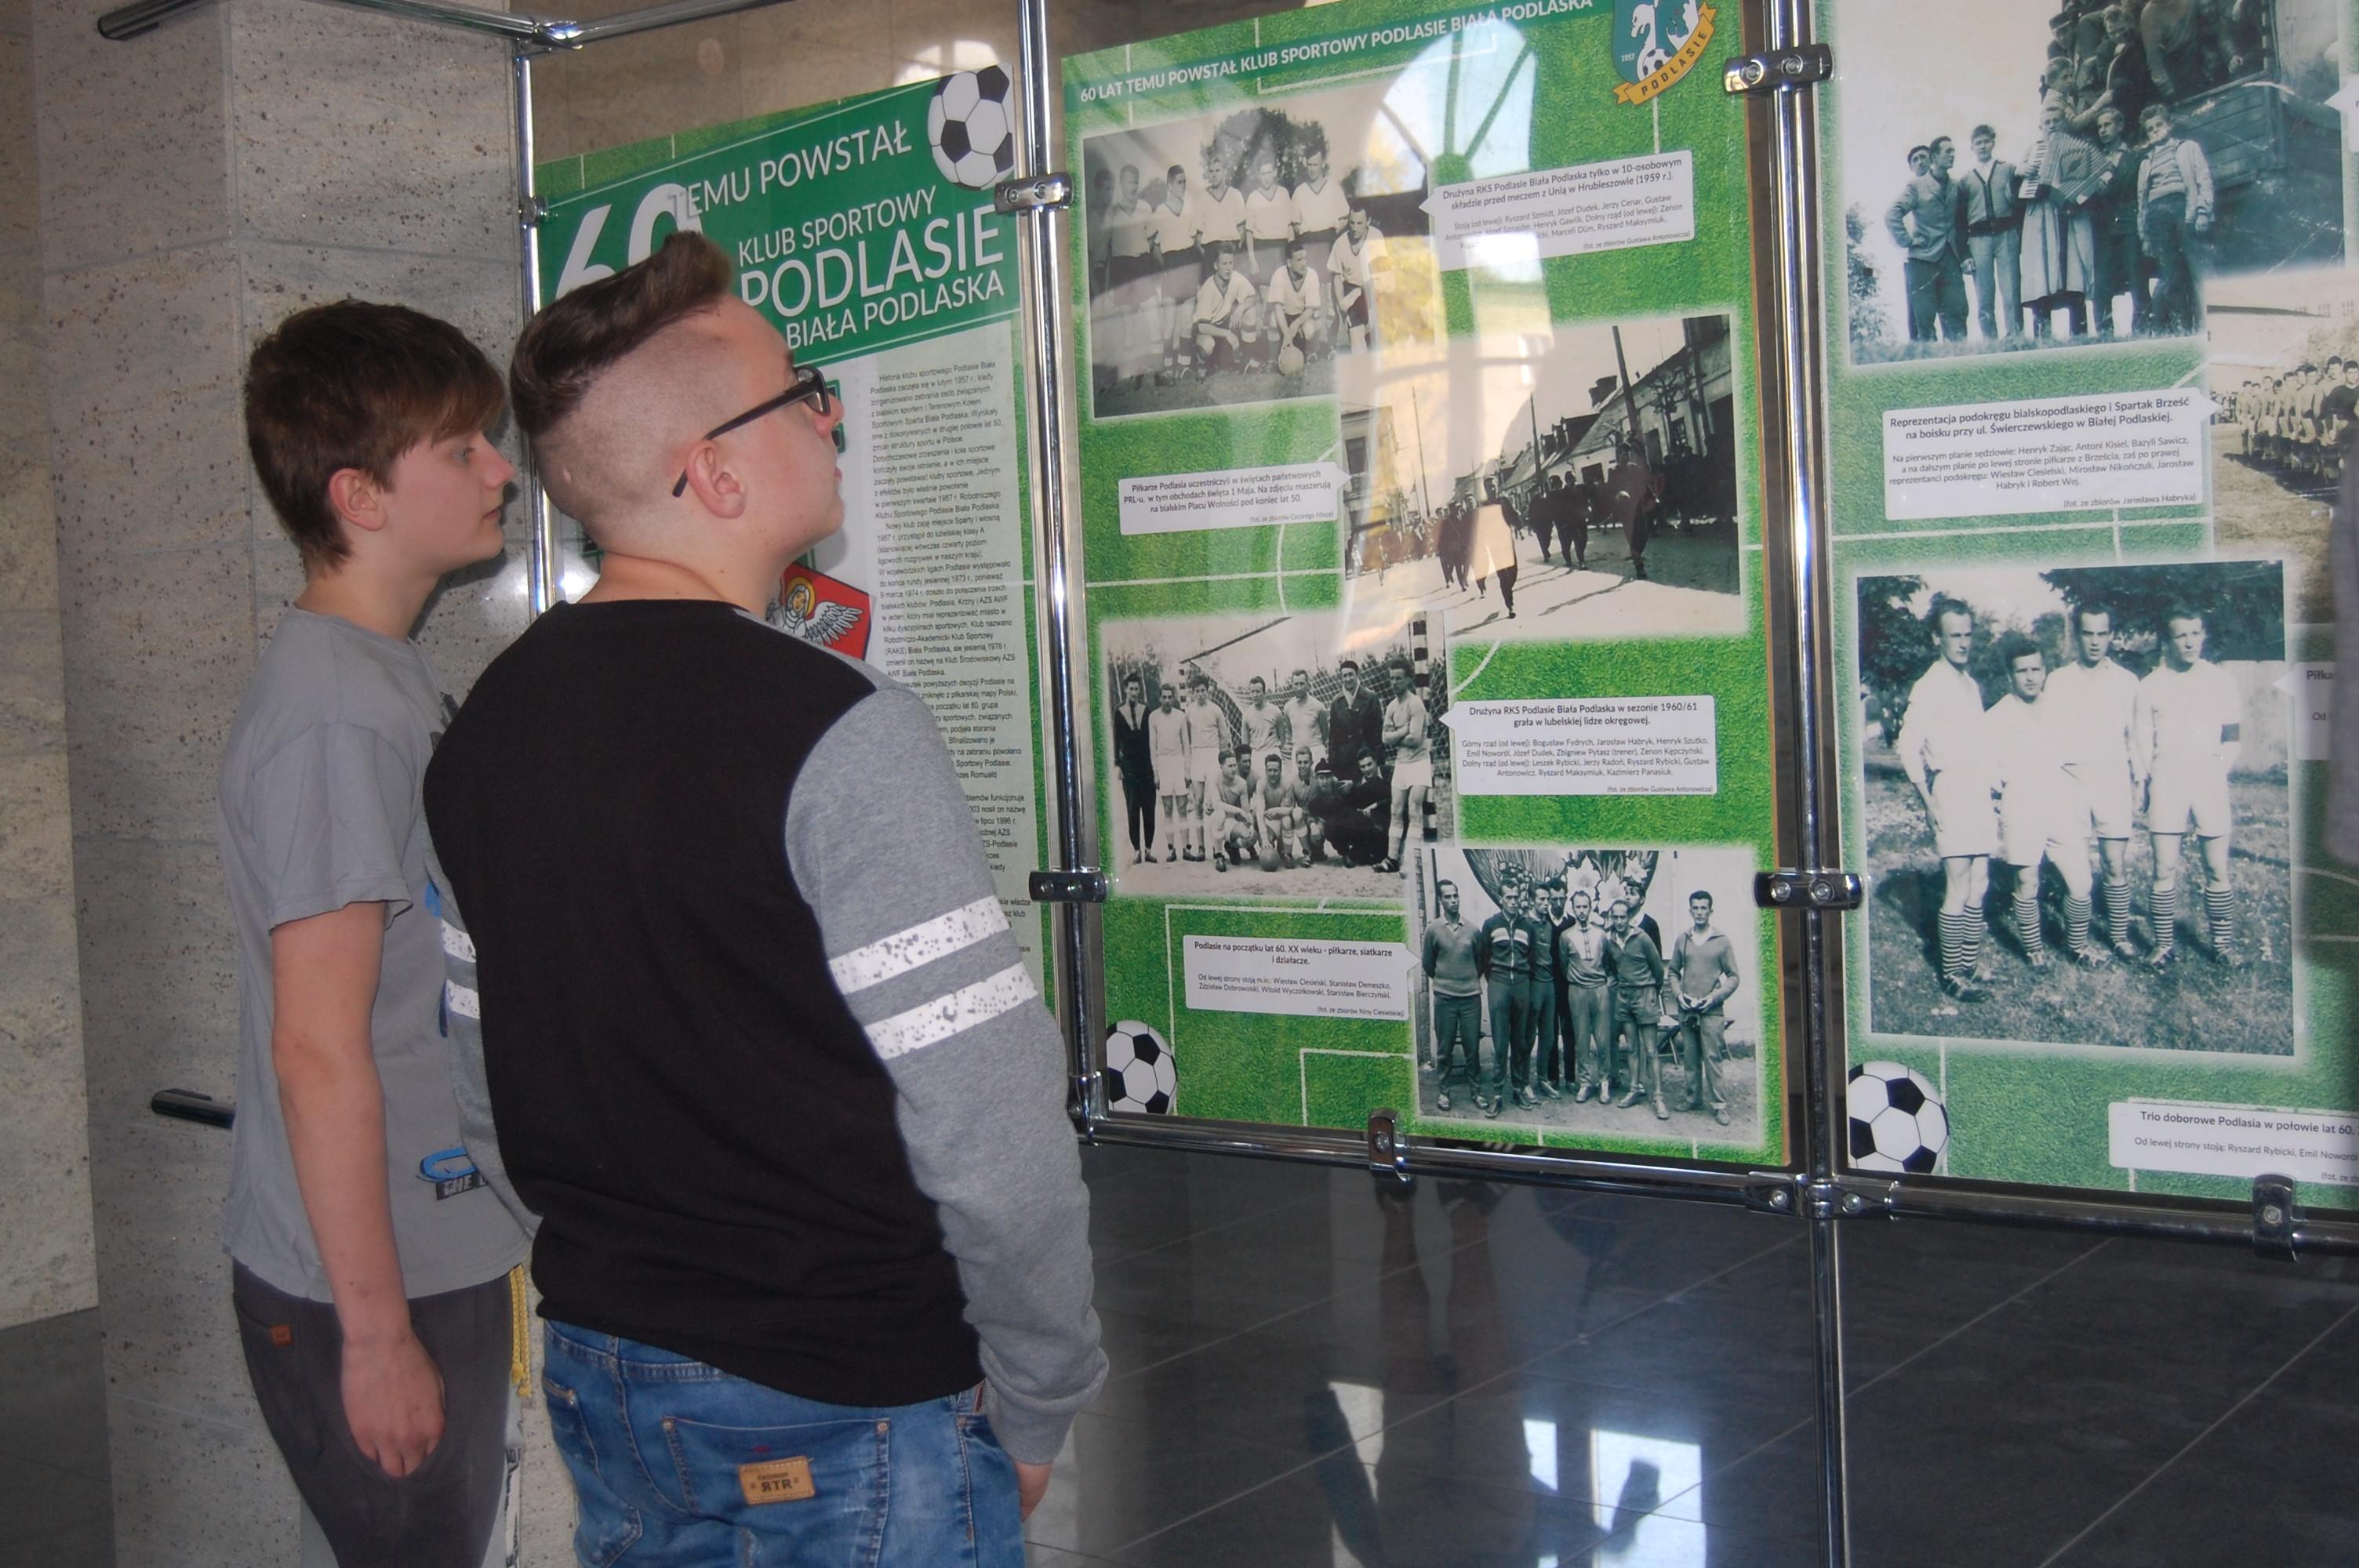 f7025b8138 Uczestnicy z zaciekawieniem oglądali zdjęcia śledząc historię klubu  sportowego Podlasie Biała Podlaska.